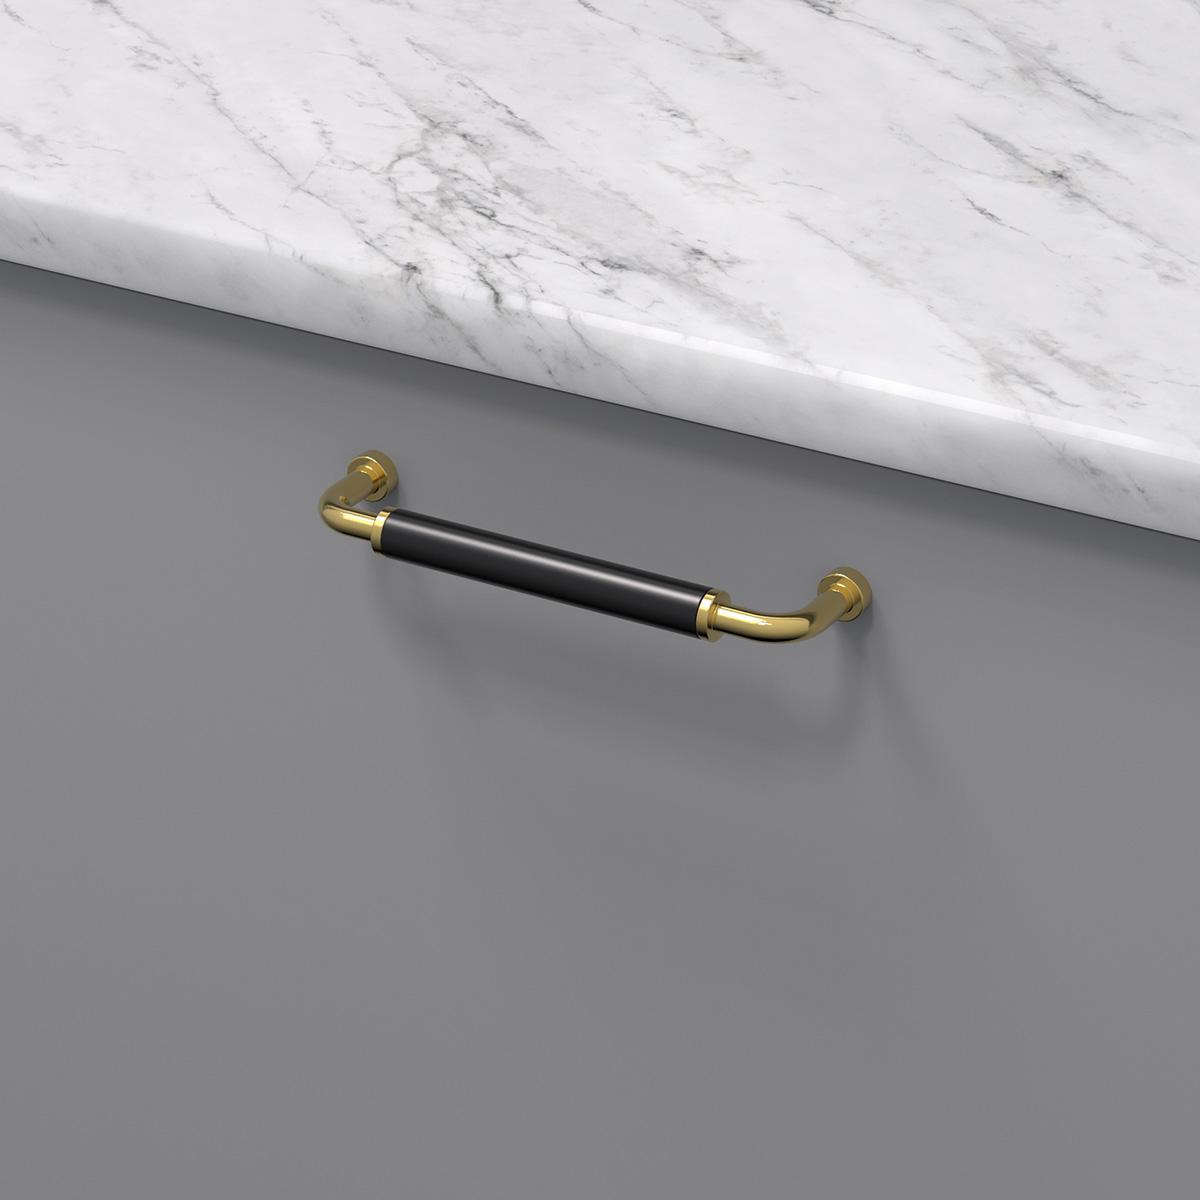 Handtag brohult m polerad massing svart 397047 11 cc 128 mm ncs s 4500 n marmor carrara